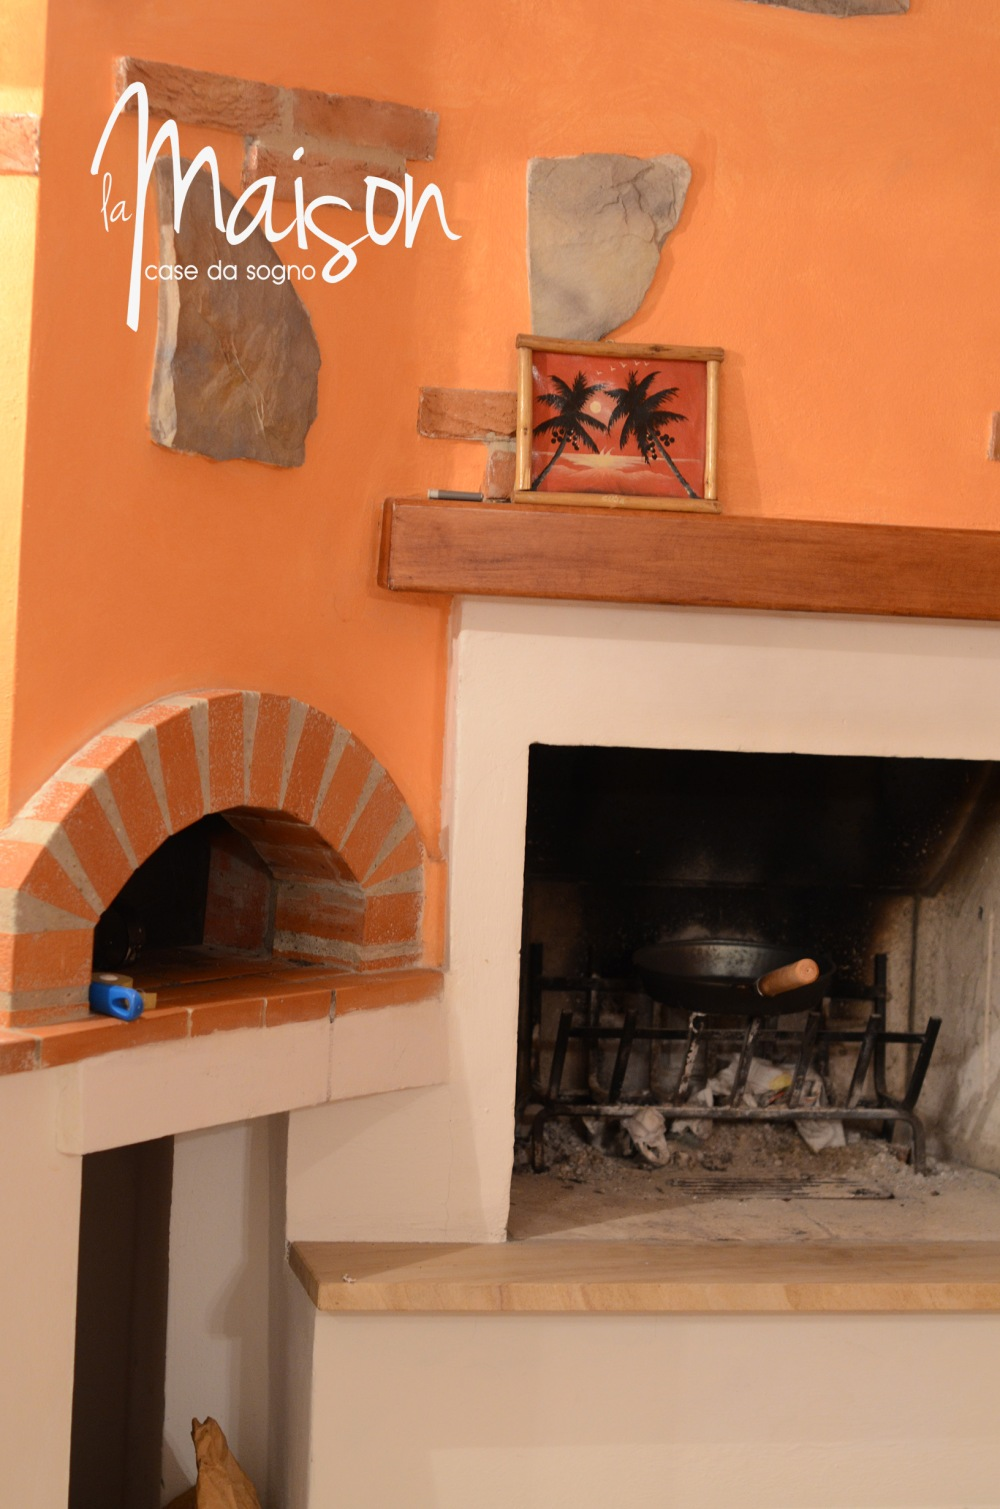 agenzia immobiliare santa lucia studio immobiliare santa lucia la maison case da sogno prato immobiliare la maison case da sogno agenzia la maison case da sogno prato vendesi villetta ag